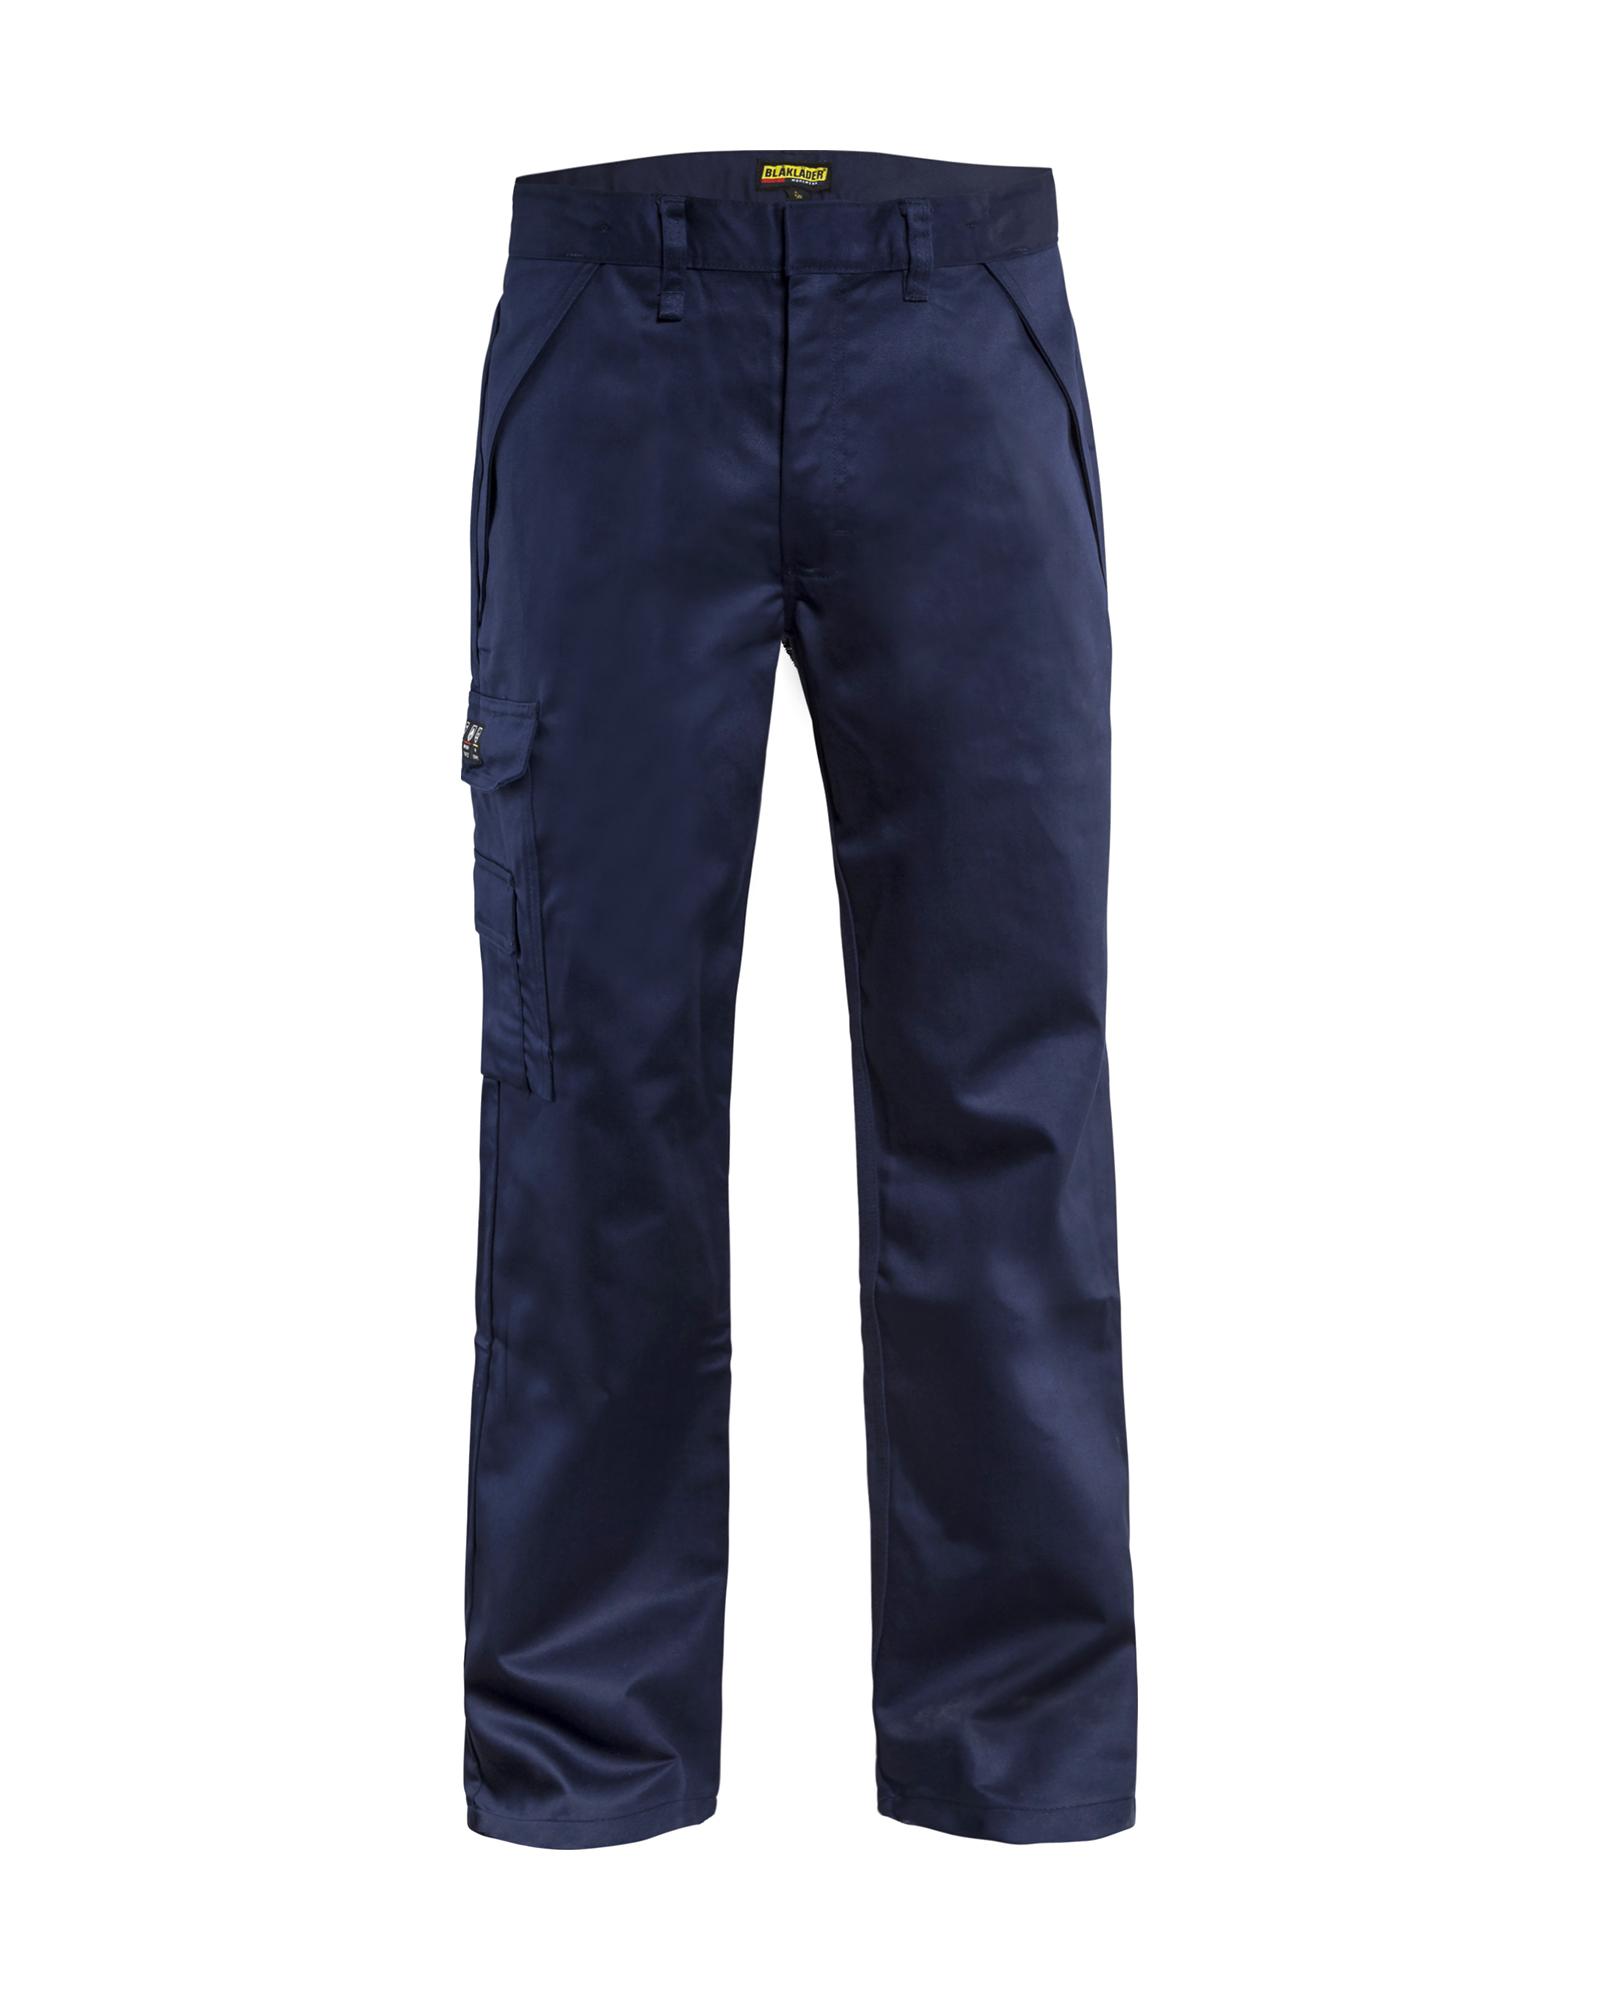 pantalon couvreur short largeot laboureur moleskine with pantalon couvreur elegant short. Black Bedroom Furniture Sets. Home Design Ideas